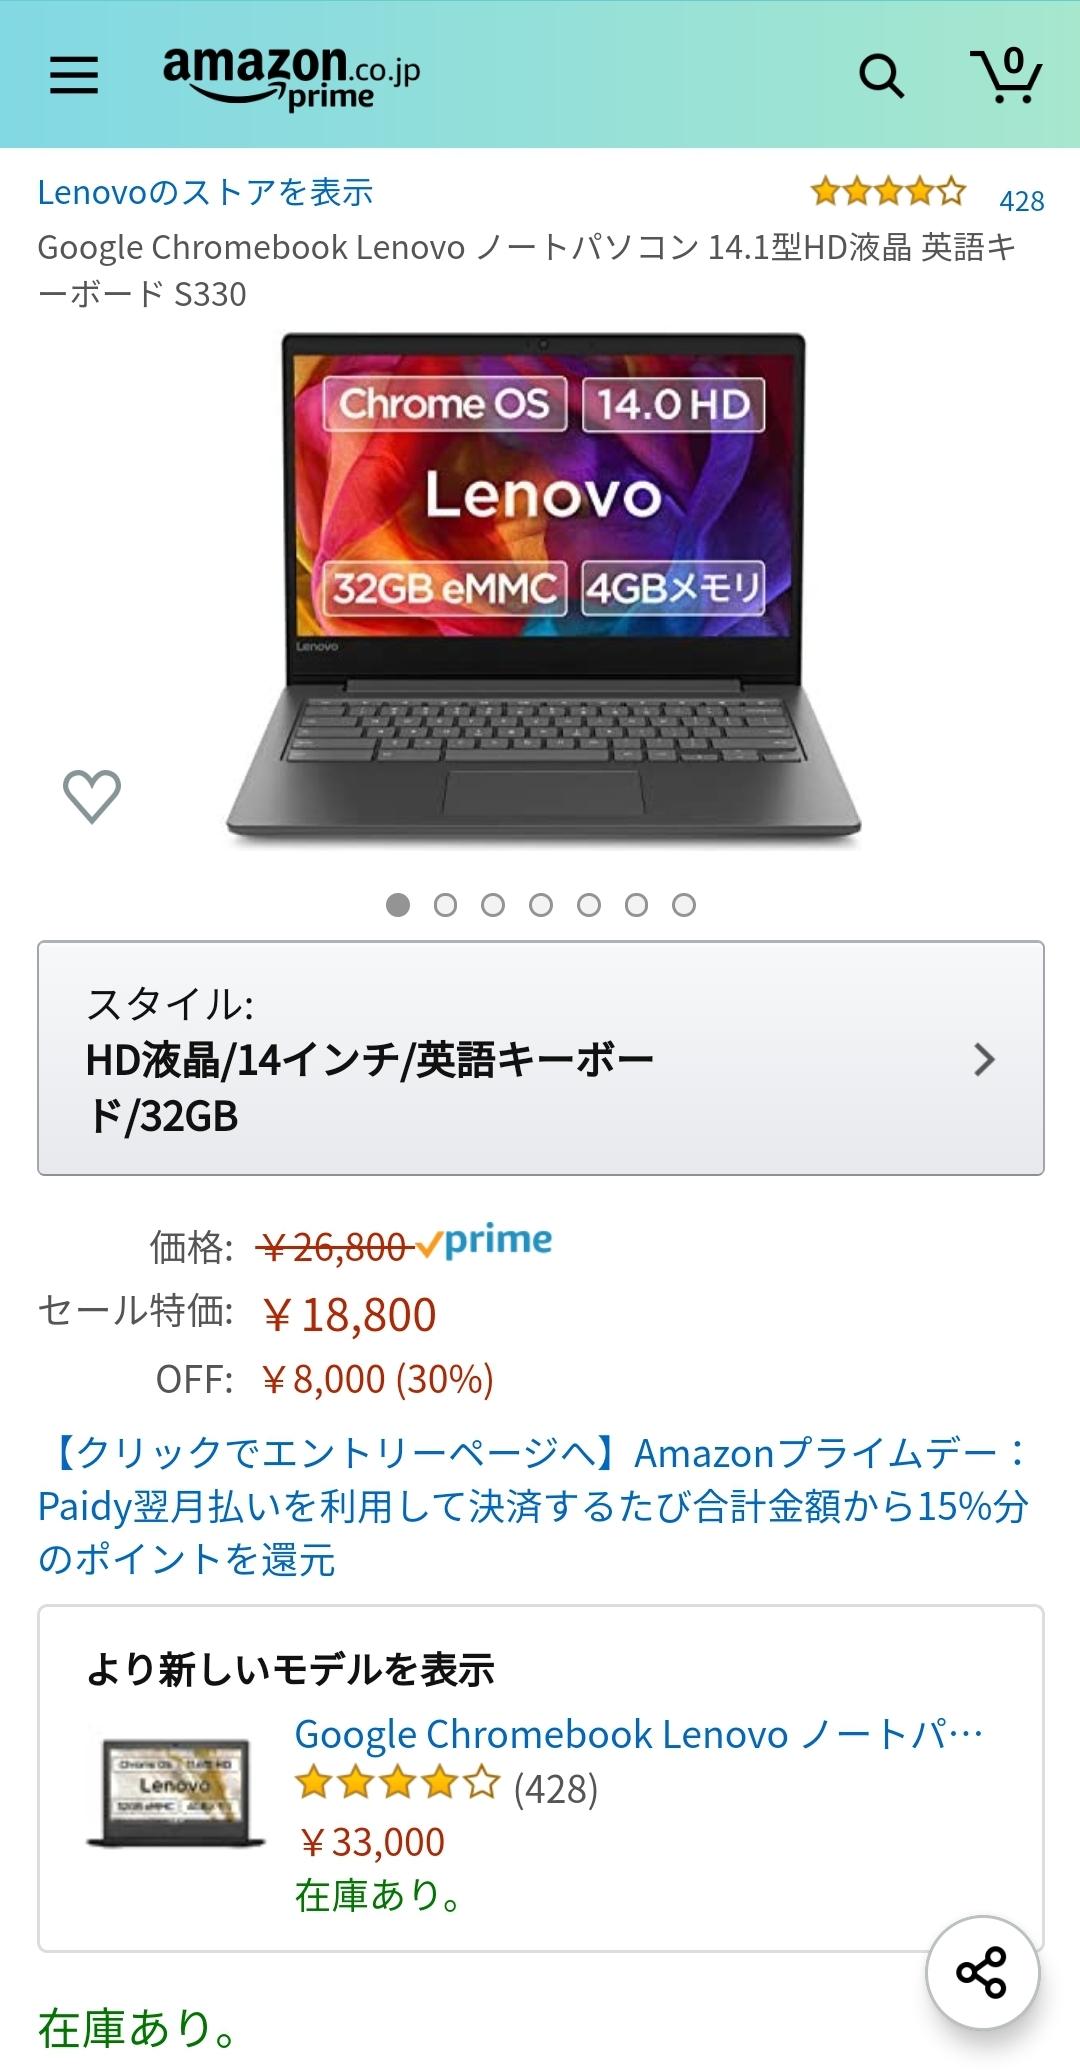 AmazonプライムデーでLenovoの14.1インチChromebookが18,800円になってるΣ(゚∀゚ノ)ノキャー